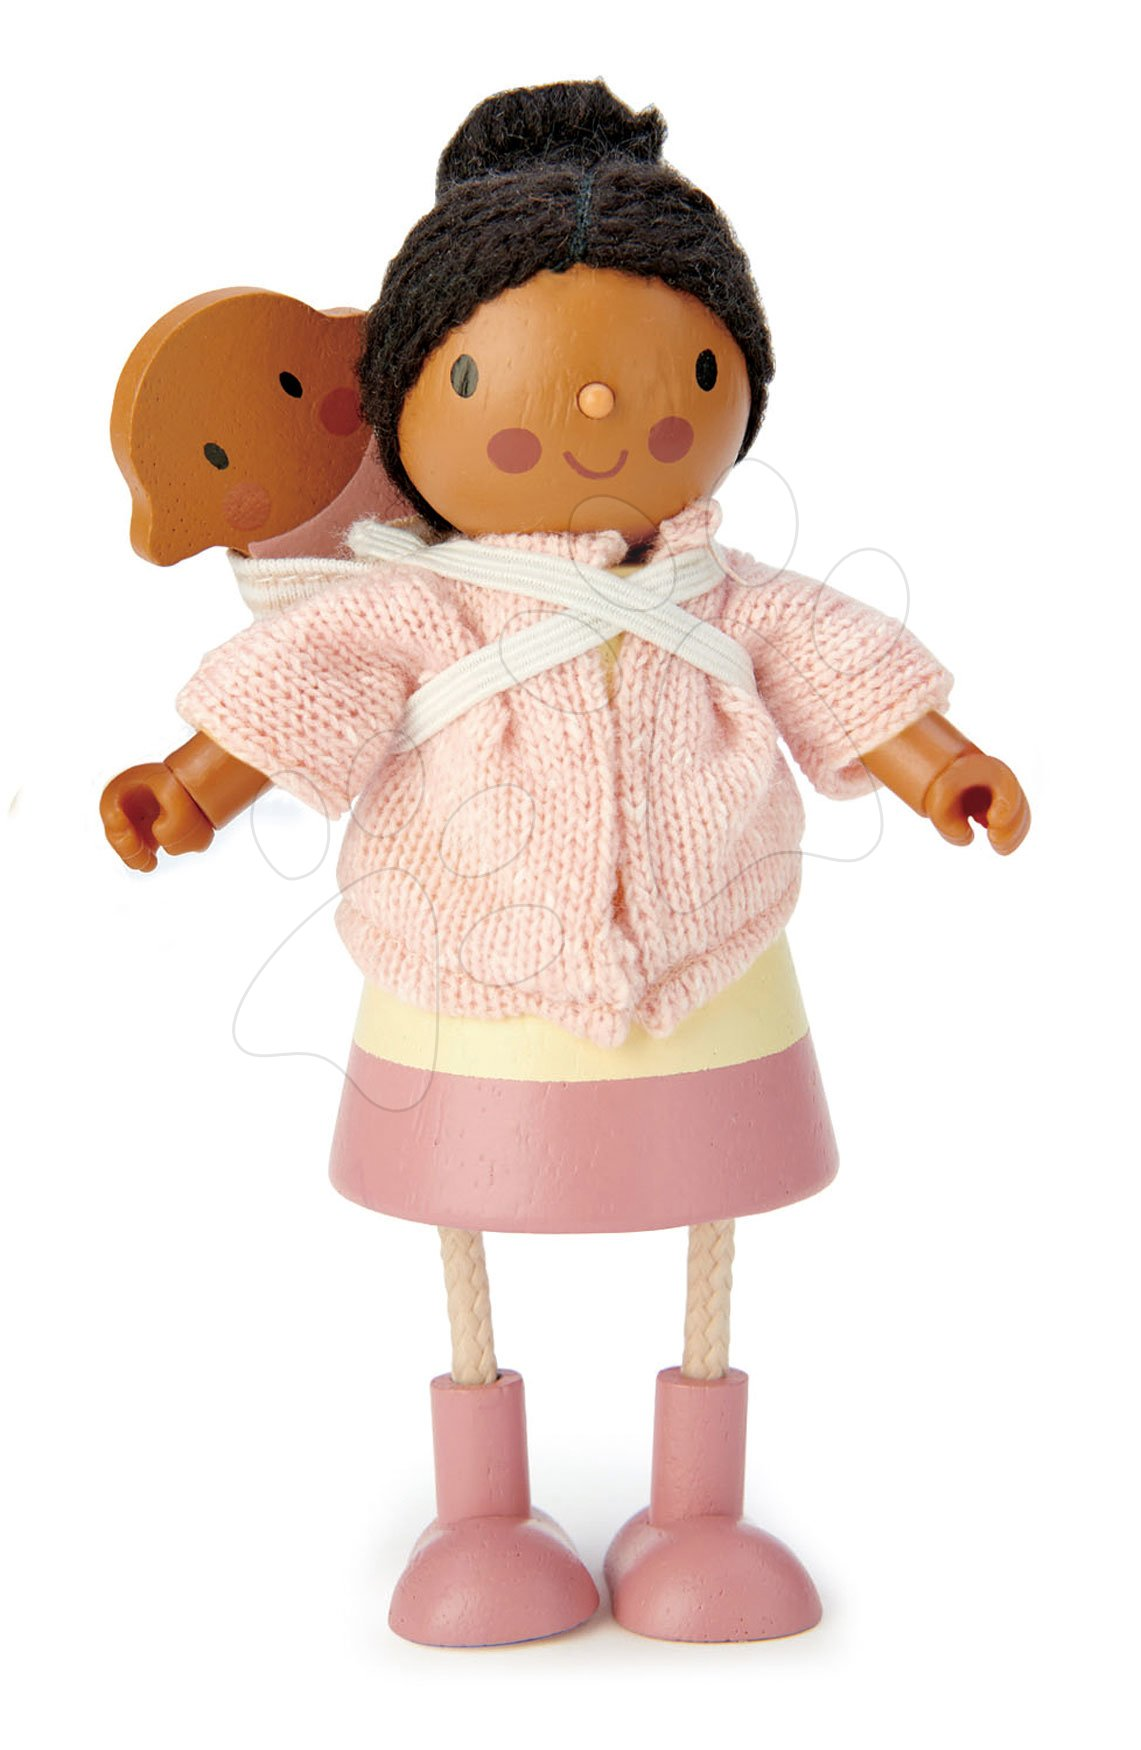 Dřevěné domky pro panenky - Dřevěná postavička s miminkem Mrs. Forrester Tender Leaf Toys v růžovém kabátku